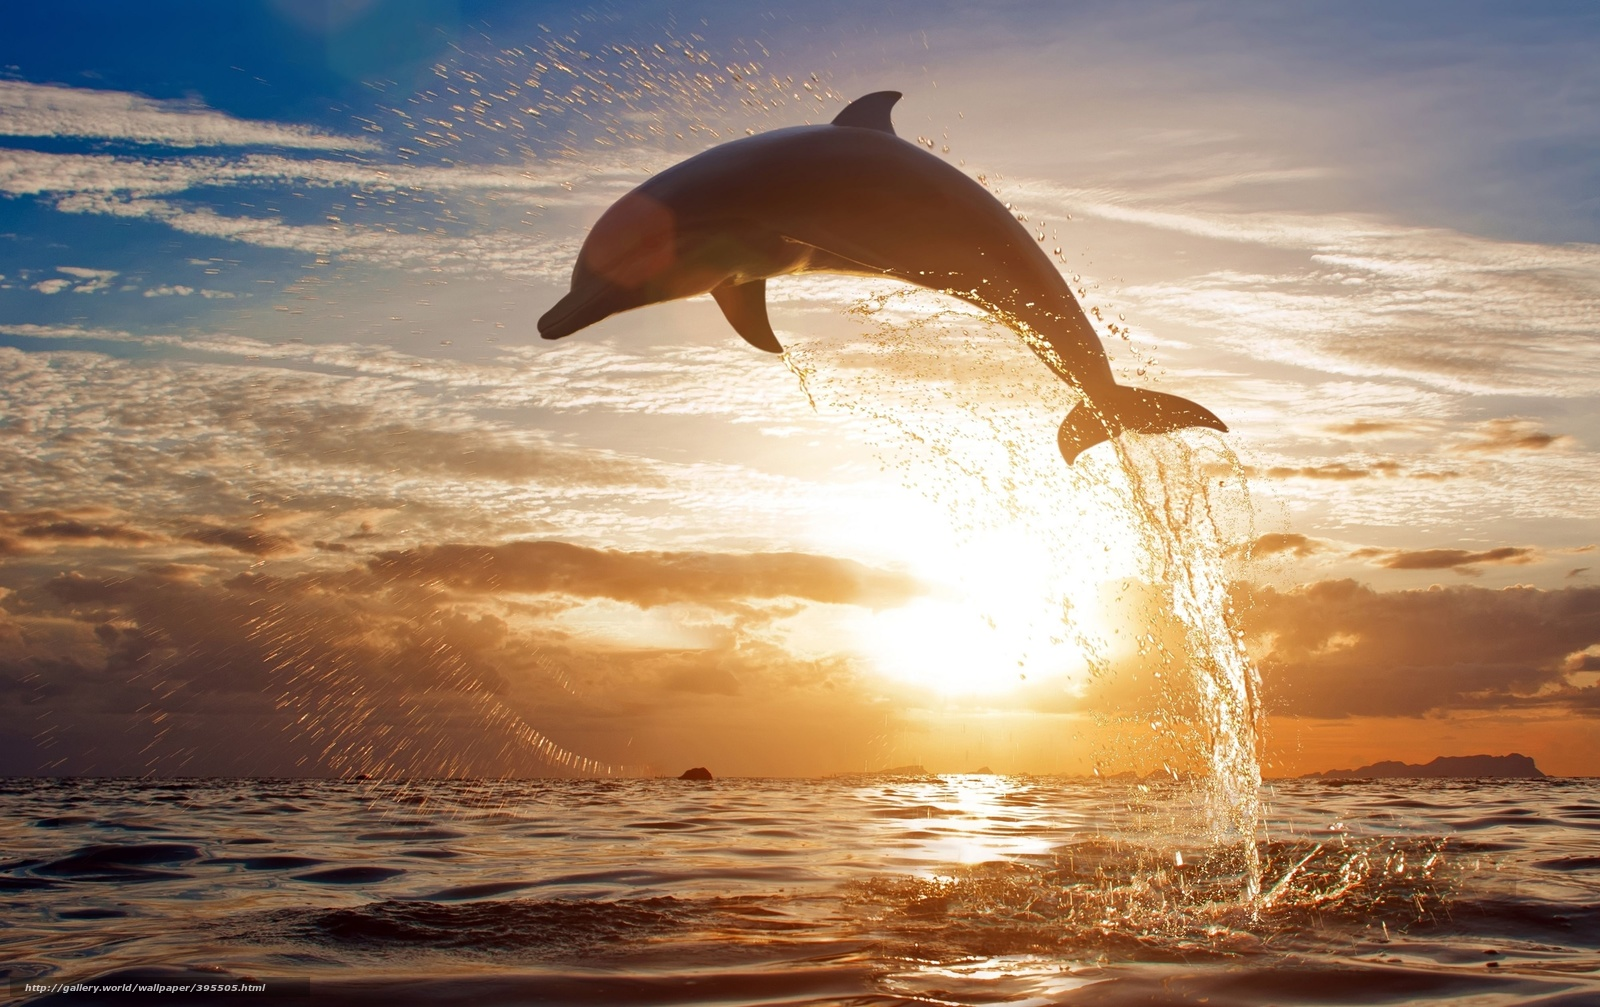 壁紙をダウンロード 海 水 スプレー イルカ デスクトップの解像度のための無料壁紙 4000x2518 絵